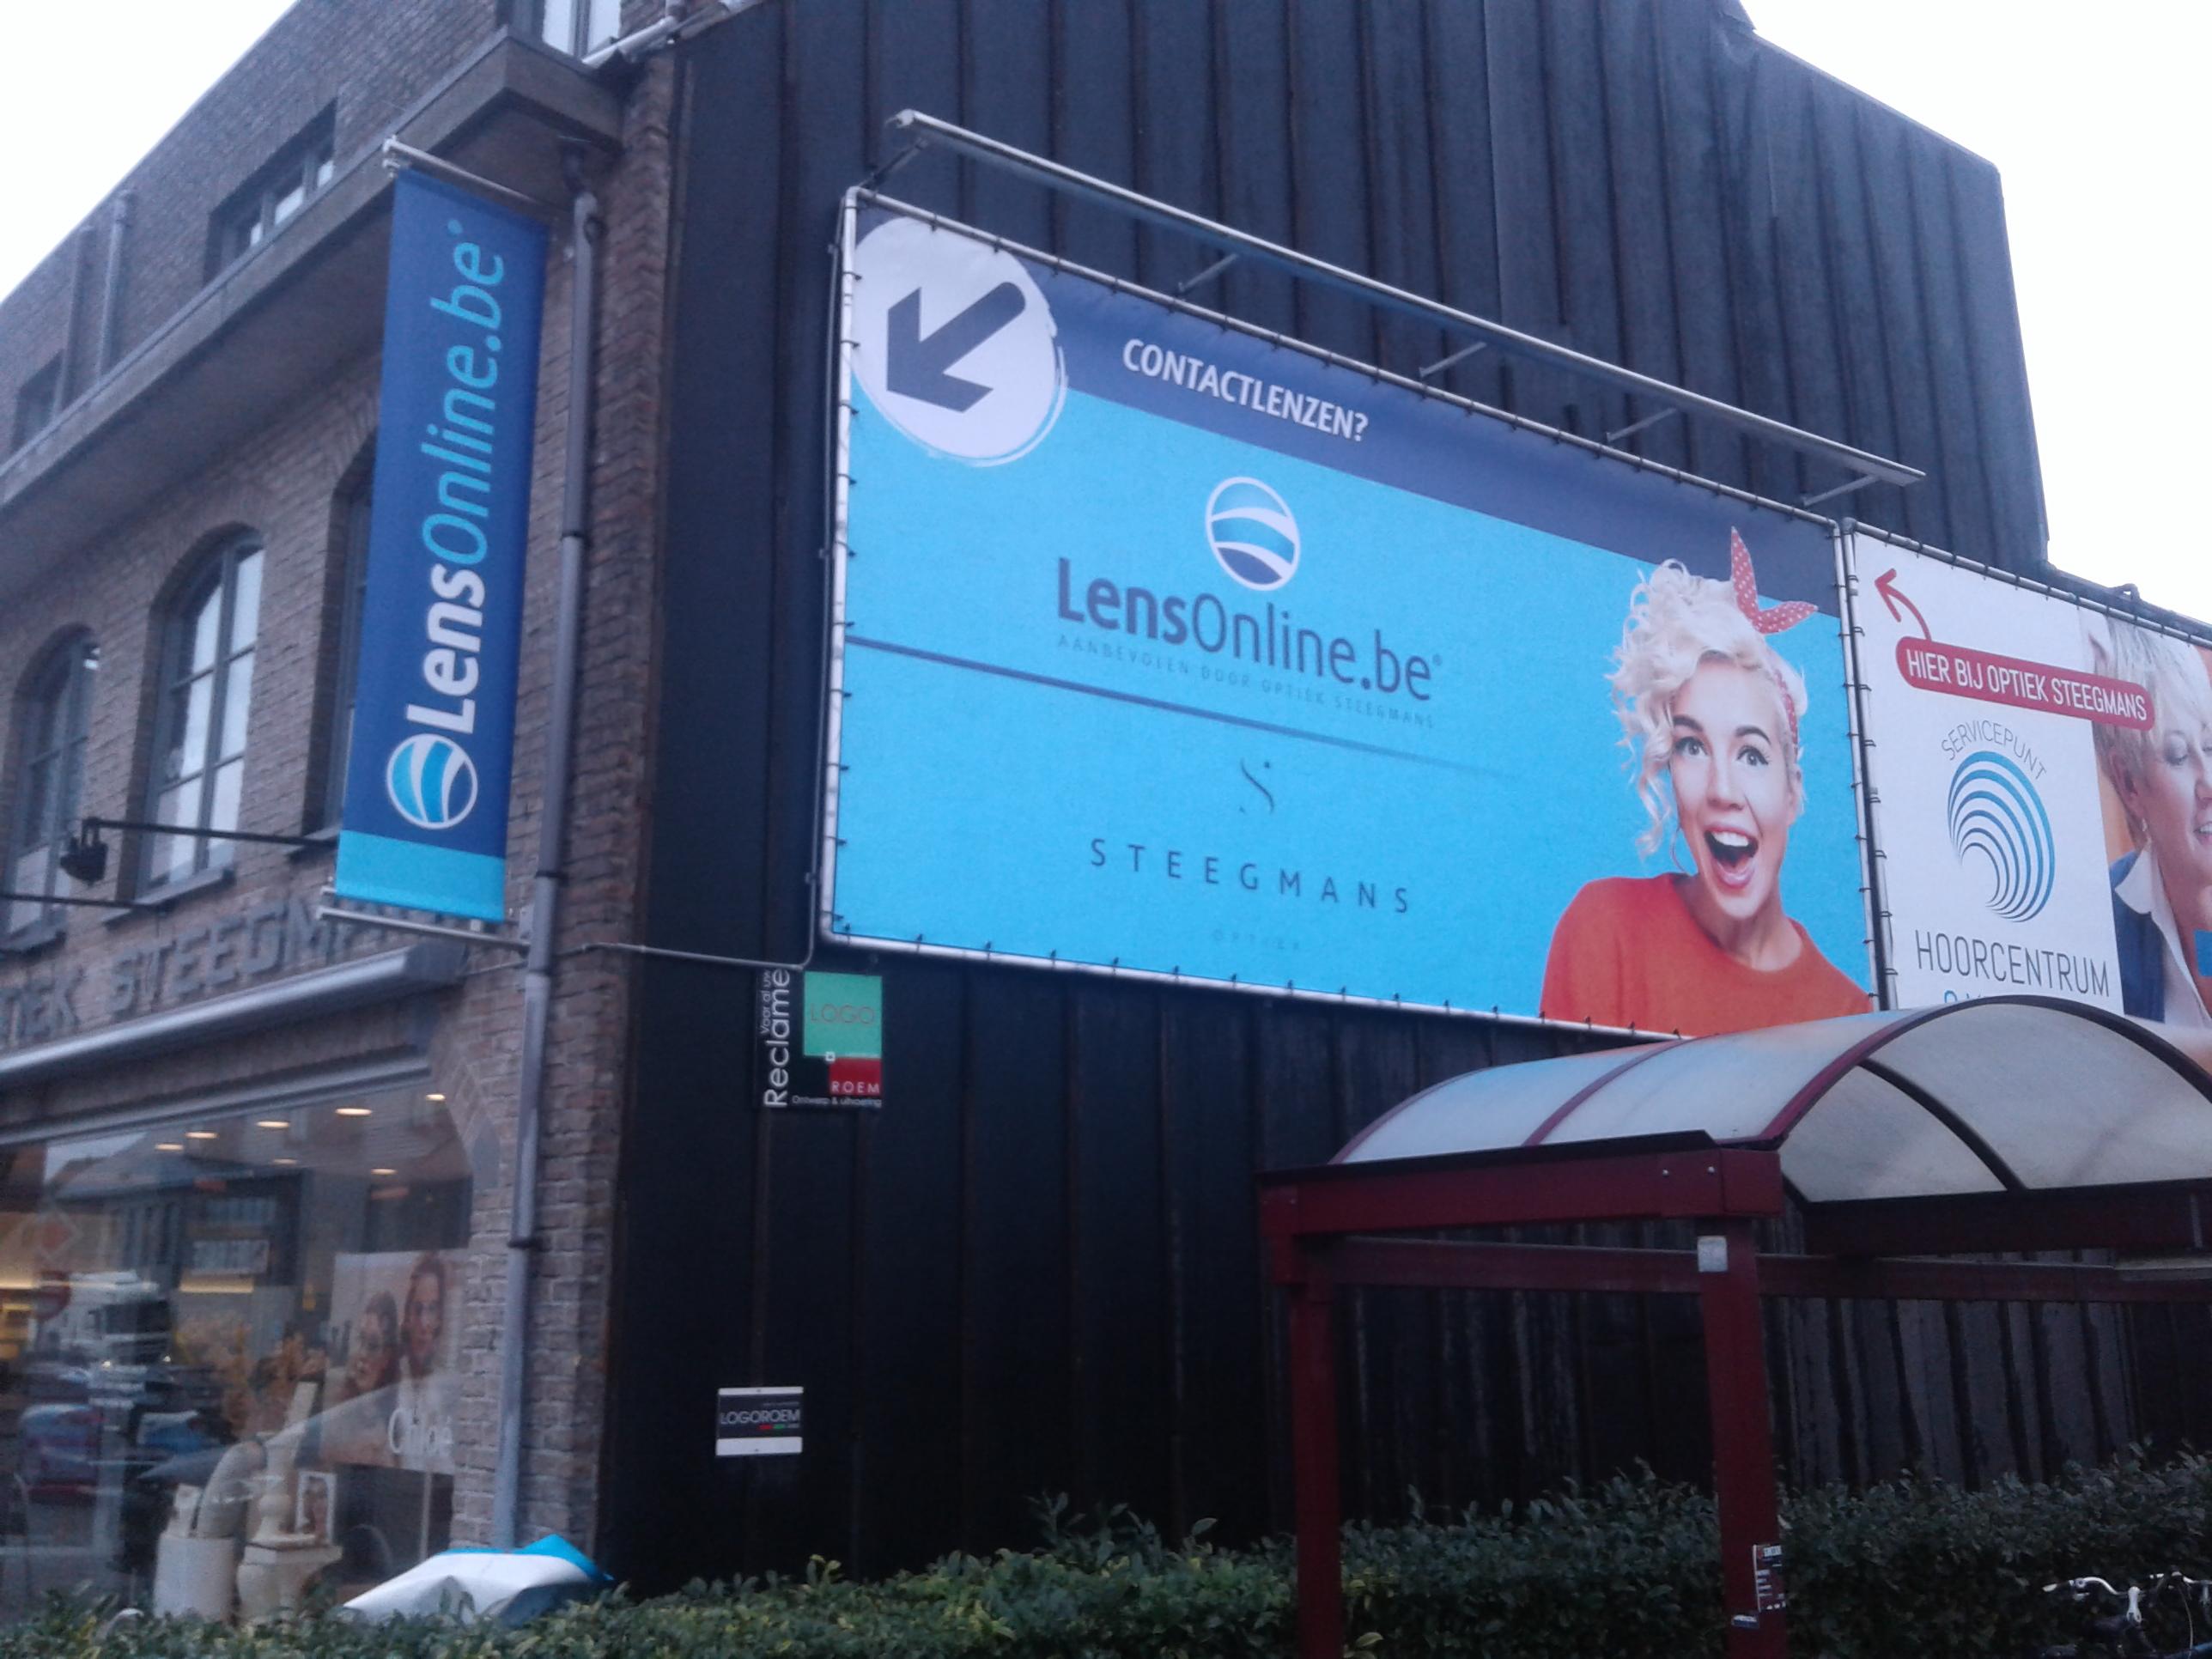 Spandoeken-Lens Online